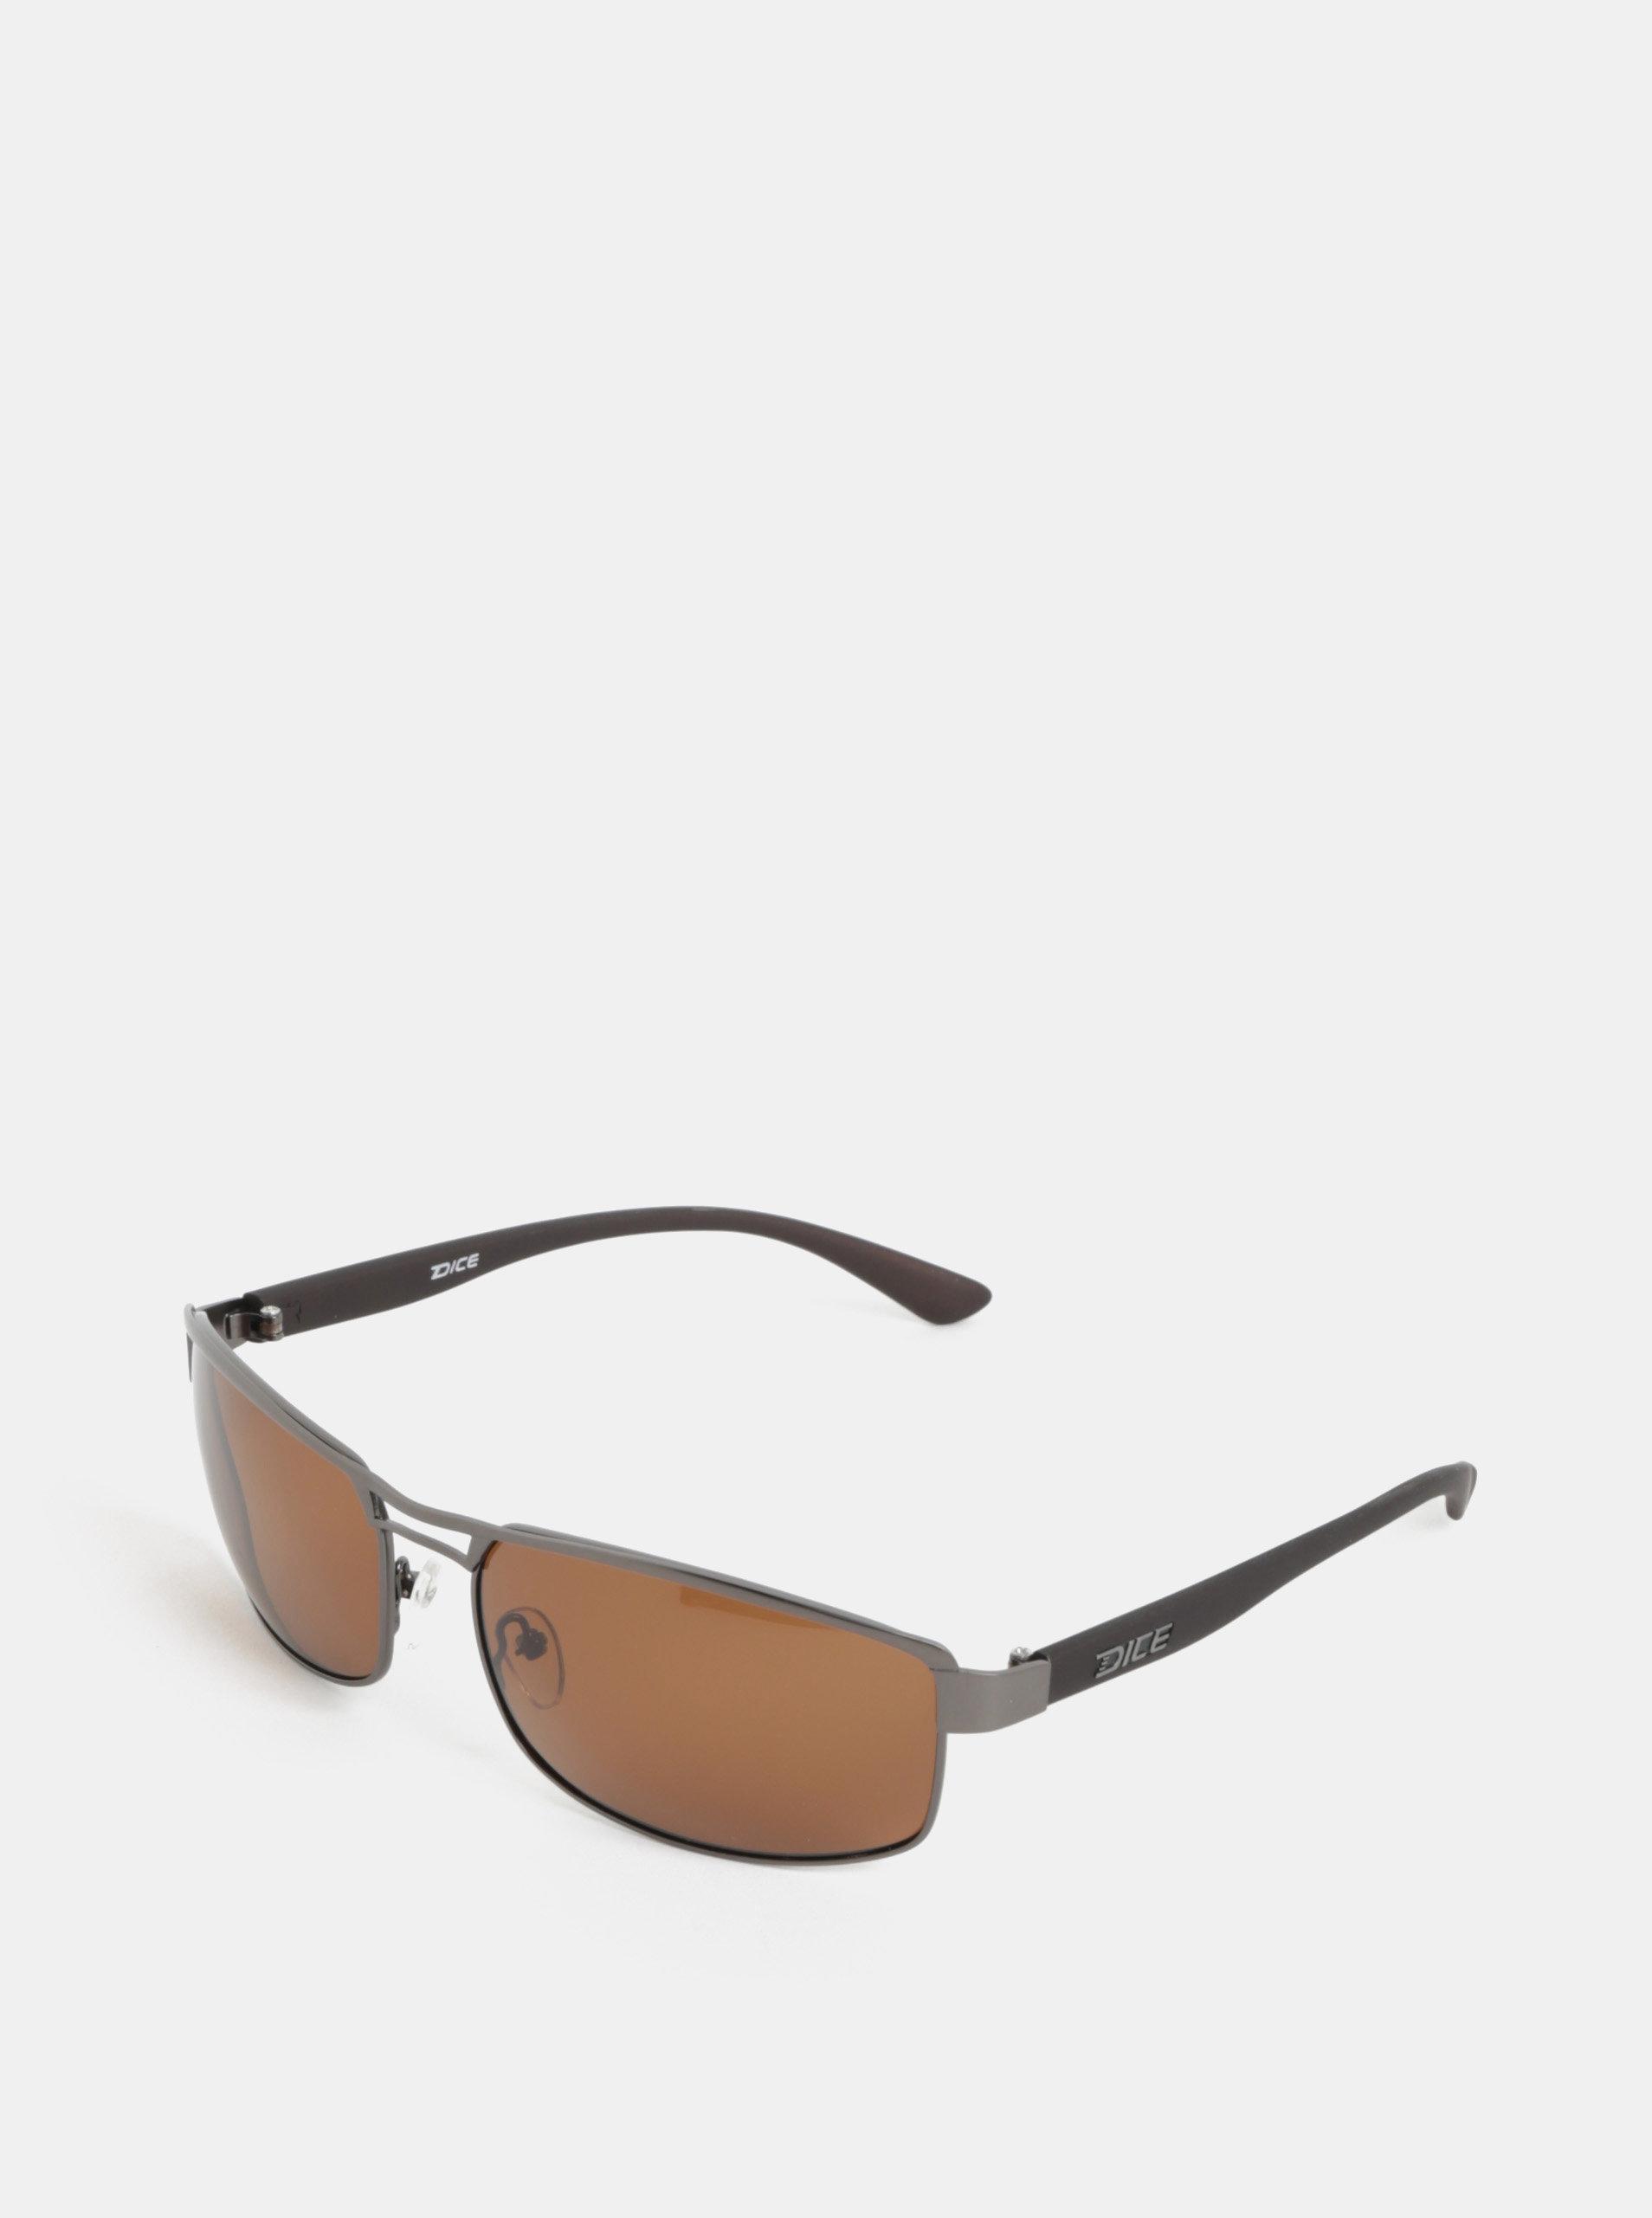 7842193cf Sivé pánske slnečné okuliare Dice Arm Polar | ZOOT.sk